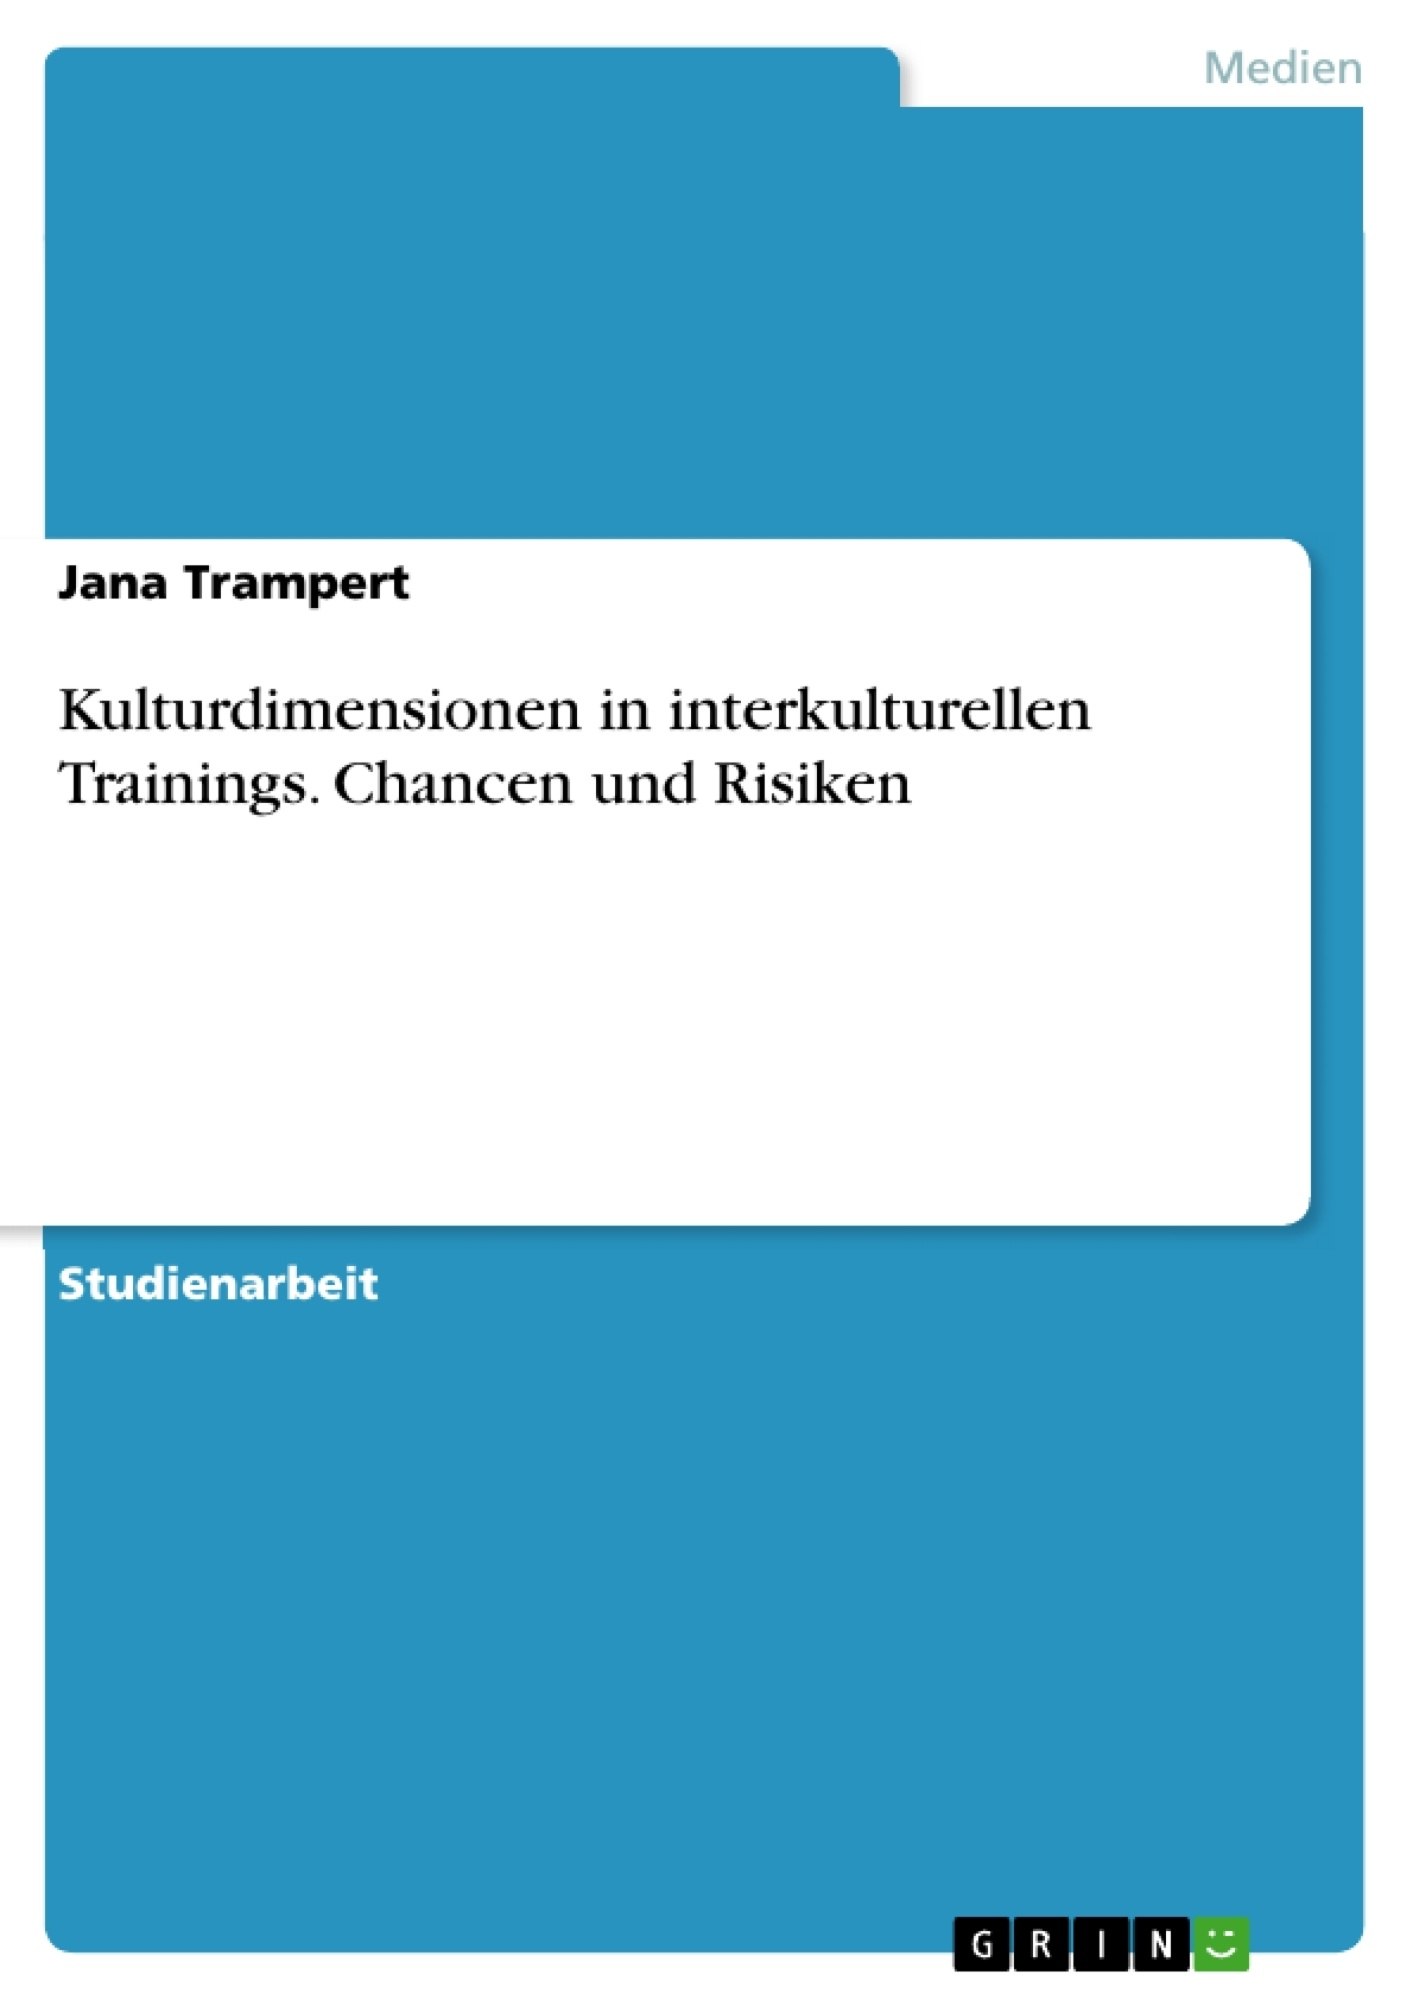 Titel: Kulturdimensionen in interkulturellen Trainings. Chancen und Risiken